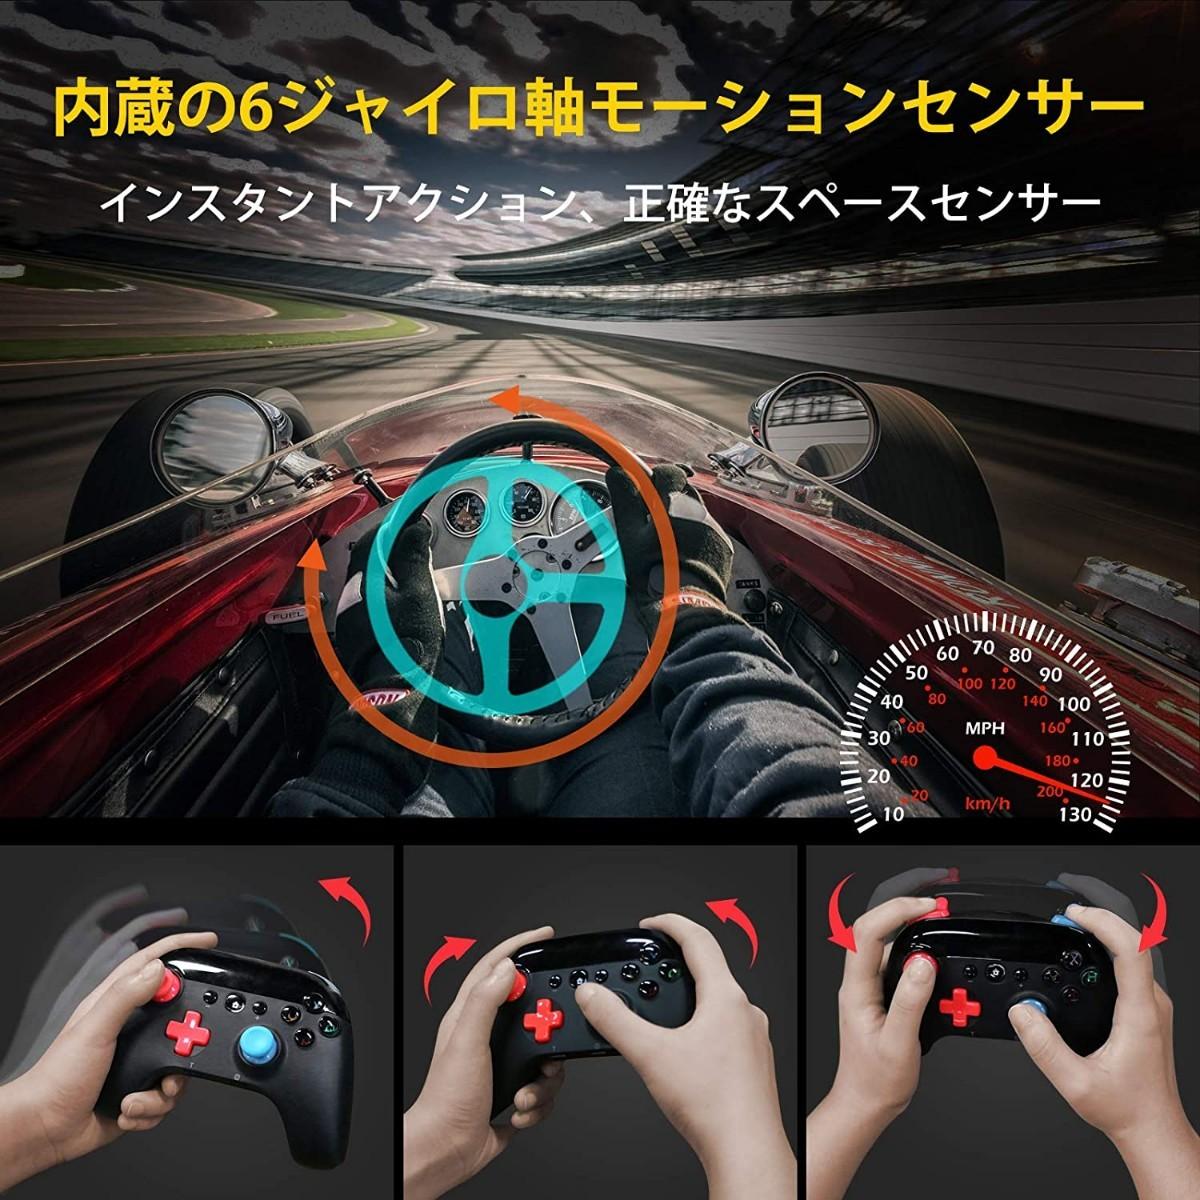 【無線】【コントローラー】【HD振動】【Bluetooth接続】【連射機能】